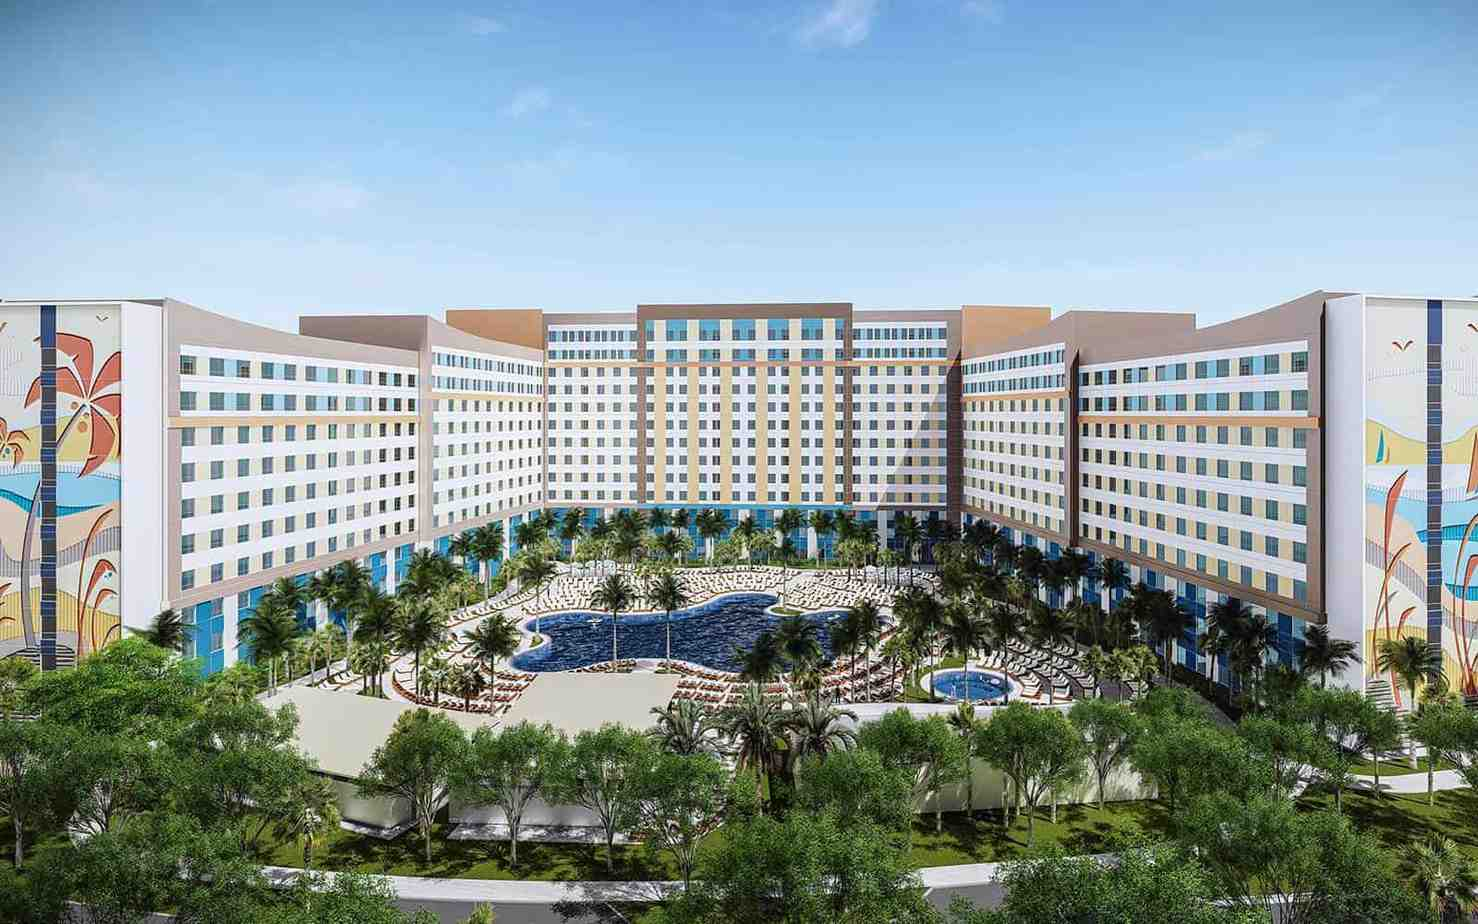 افضل 15 فندق في اورلاندو من المسافرون العرب